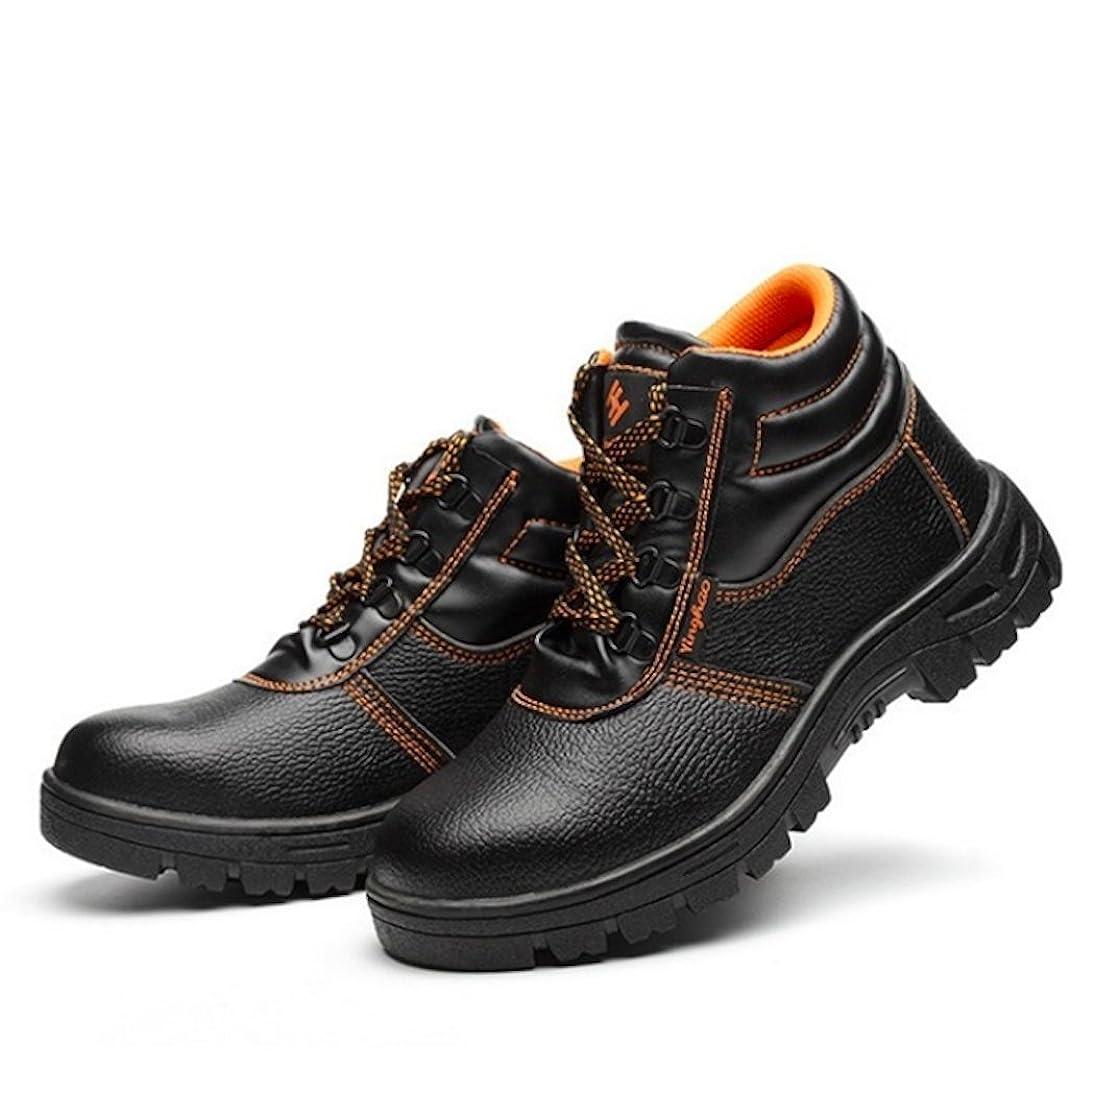 無効にする噴出する子猫MS3 ガレット デ ロワ (galette des Rois) ローカット ハイカット 釘 防止 安全靴 作業靴 メンズ 先芯入り スニーカー ブーツ シューズ 靴 耐油 防滑 踏み貫き